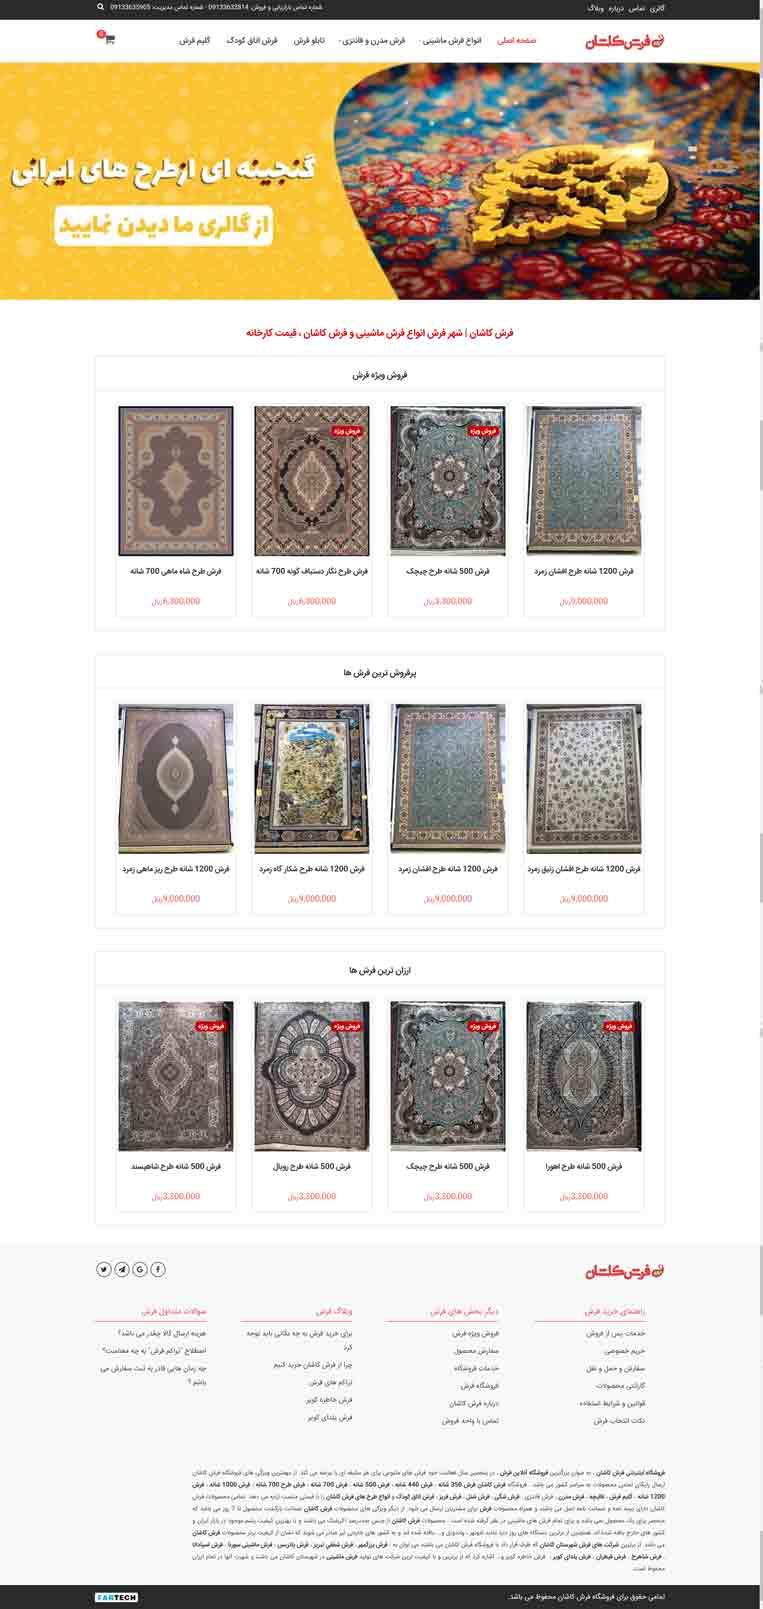 طراحی فروشگاه آنلاین فرش کاشان